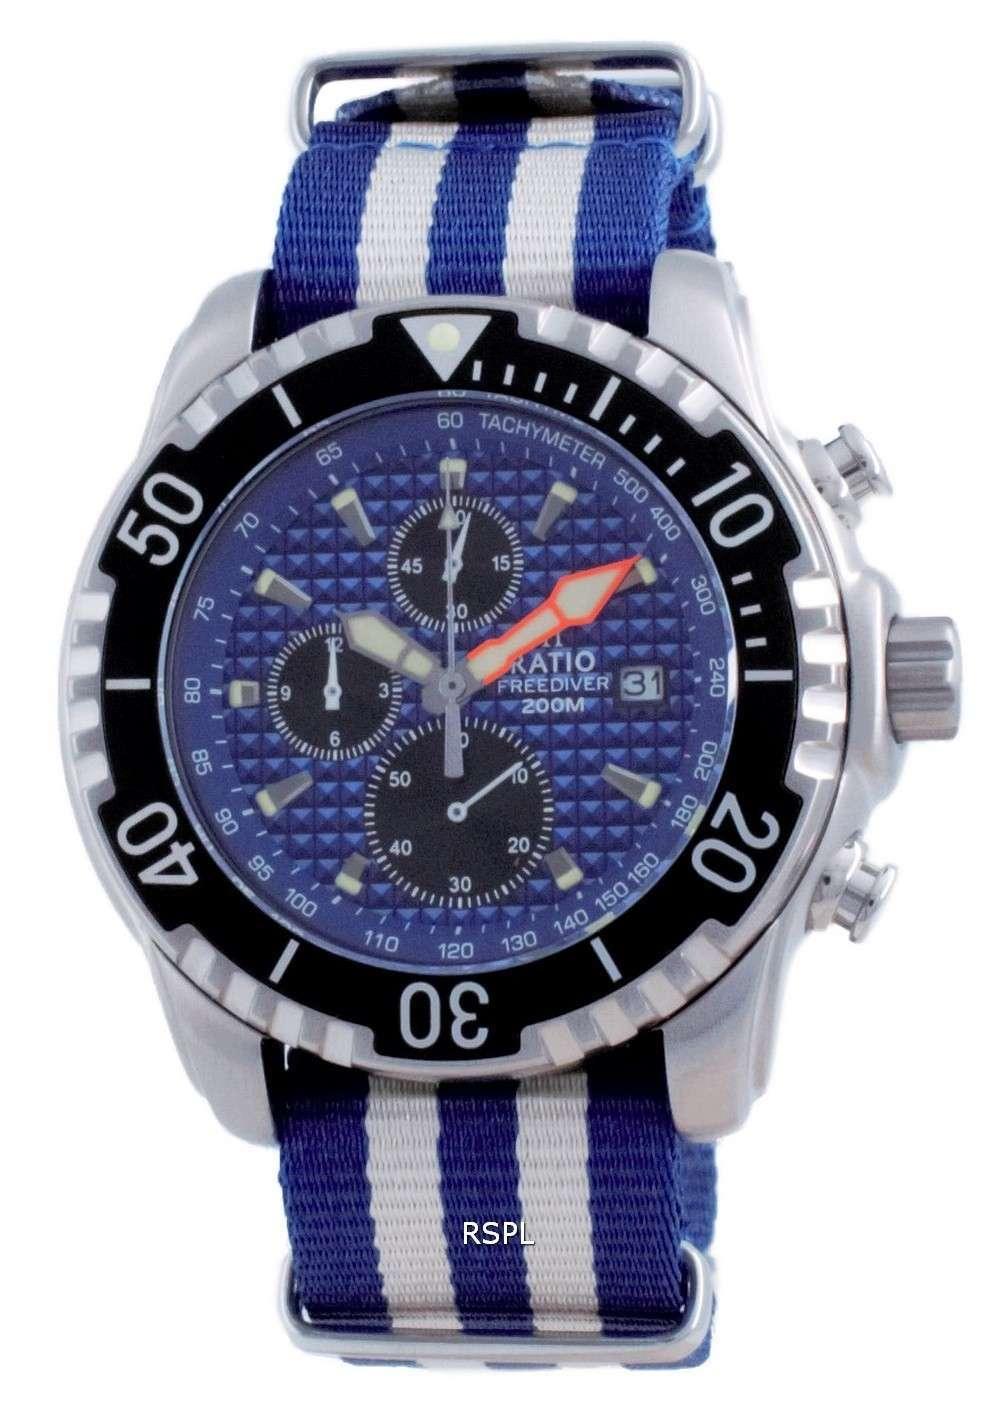 Ratio Free Diver Cronógrafo Nylon Quartz Diver&#39,s 48HA90-17-CHR-BLU-var-NATO2 200M Reloj para hombre